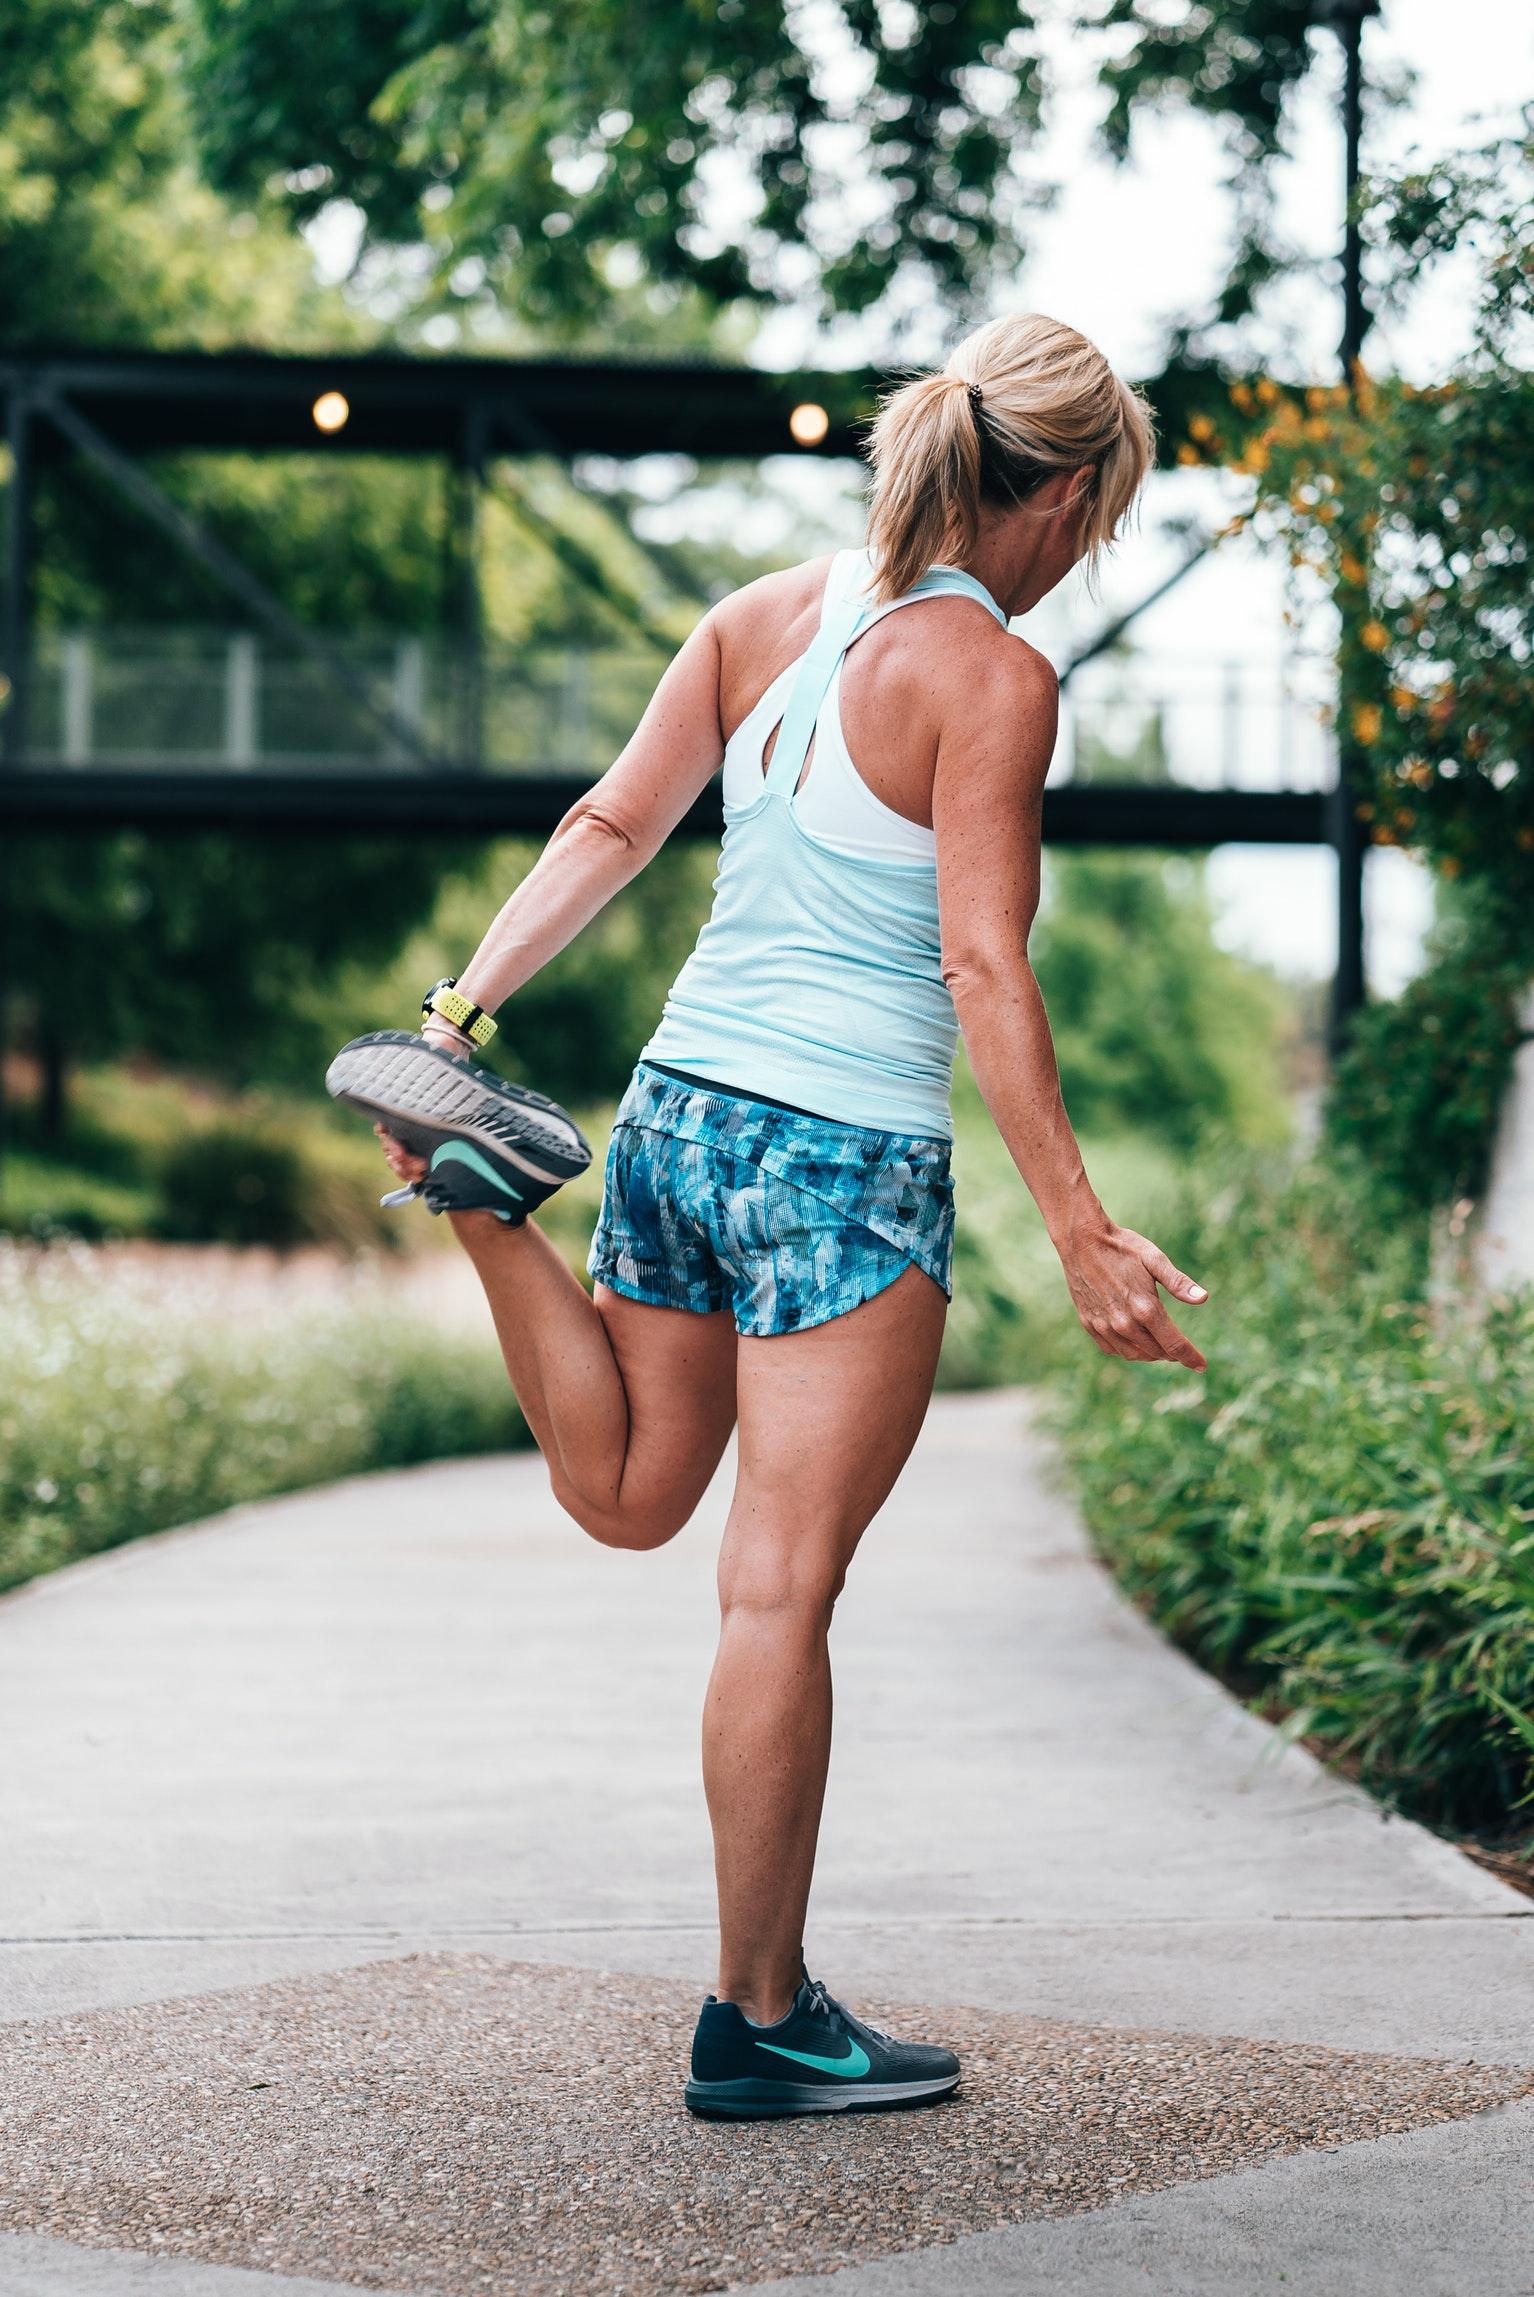 Техника безопасности: что стоит знать, если вы начинаете заниматься бегом-Фото 3